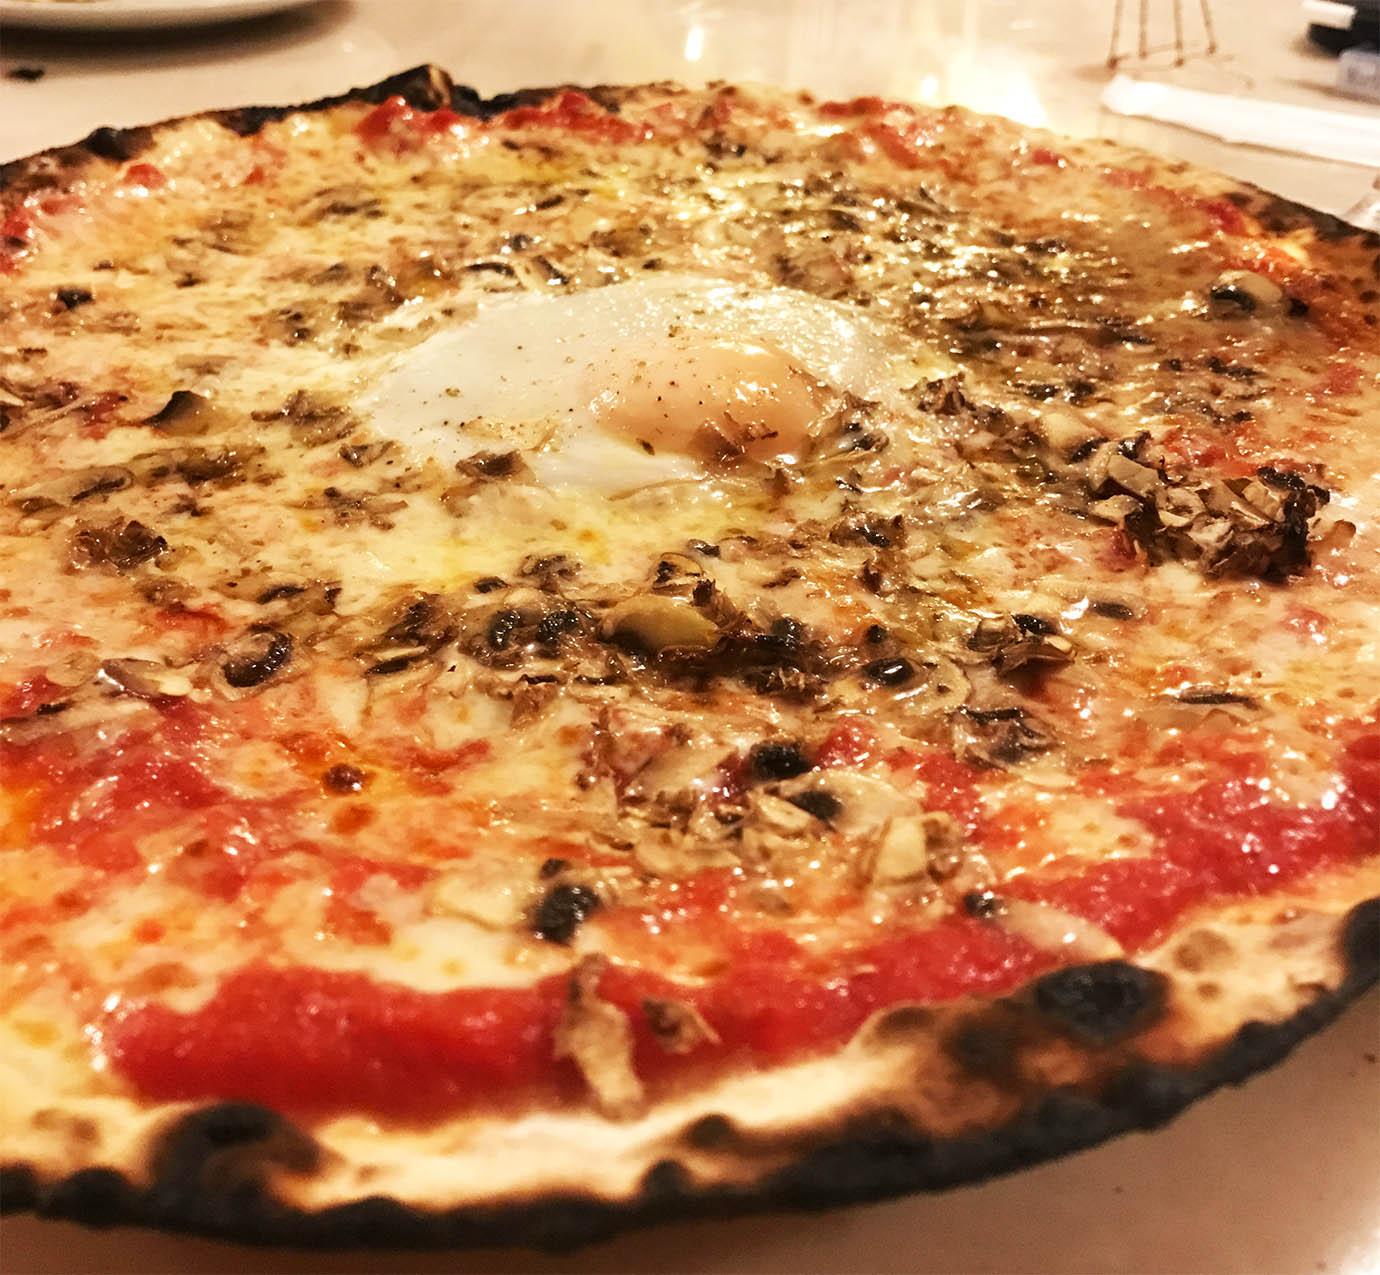 pizzeria-romana-ilpentito-pizza94